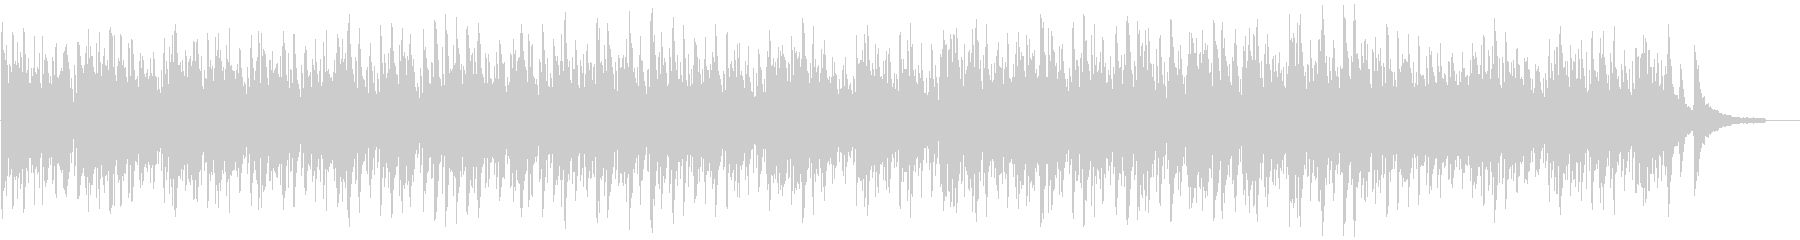 ピアノが優雅でお洒落なボサノバの未再生の波形